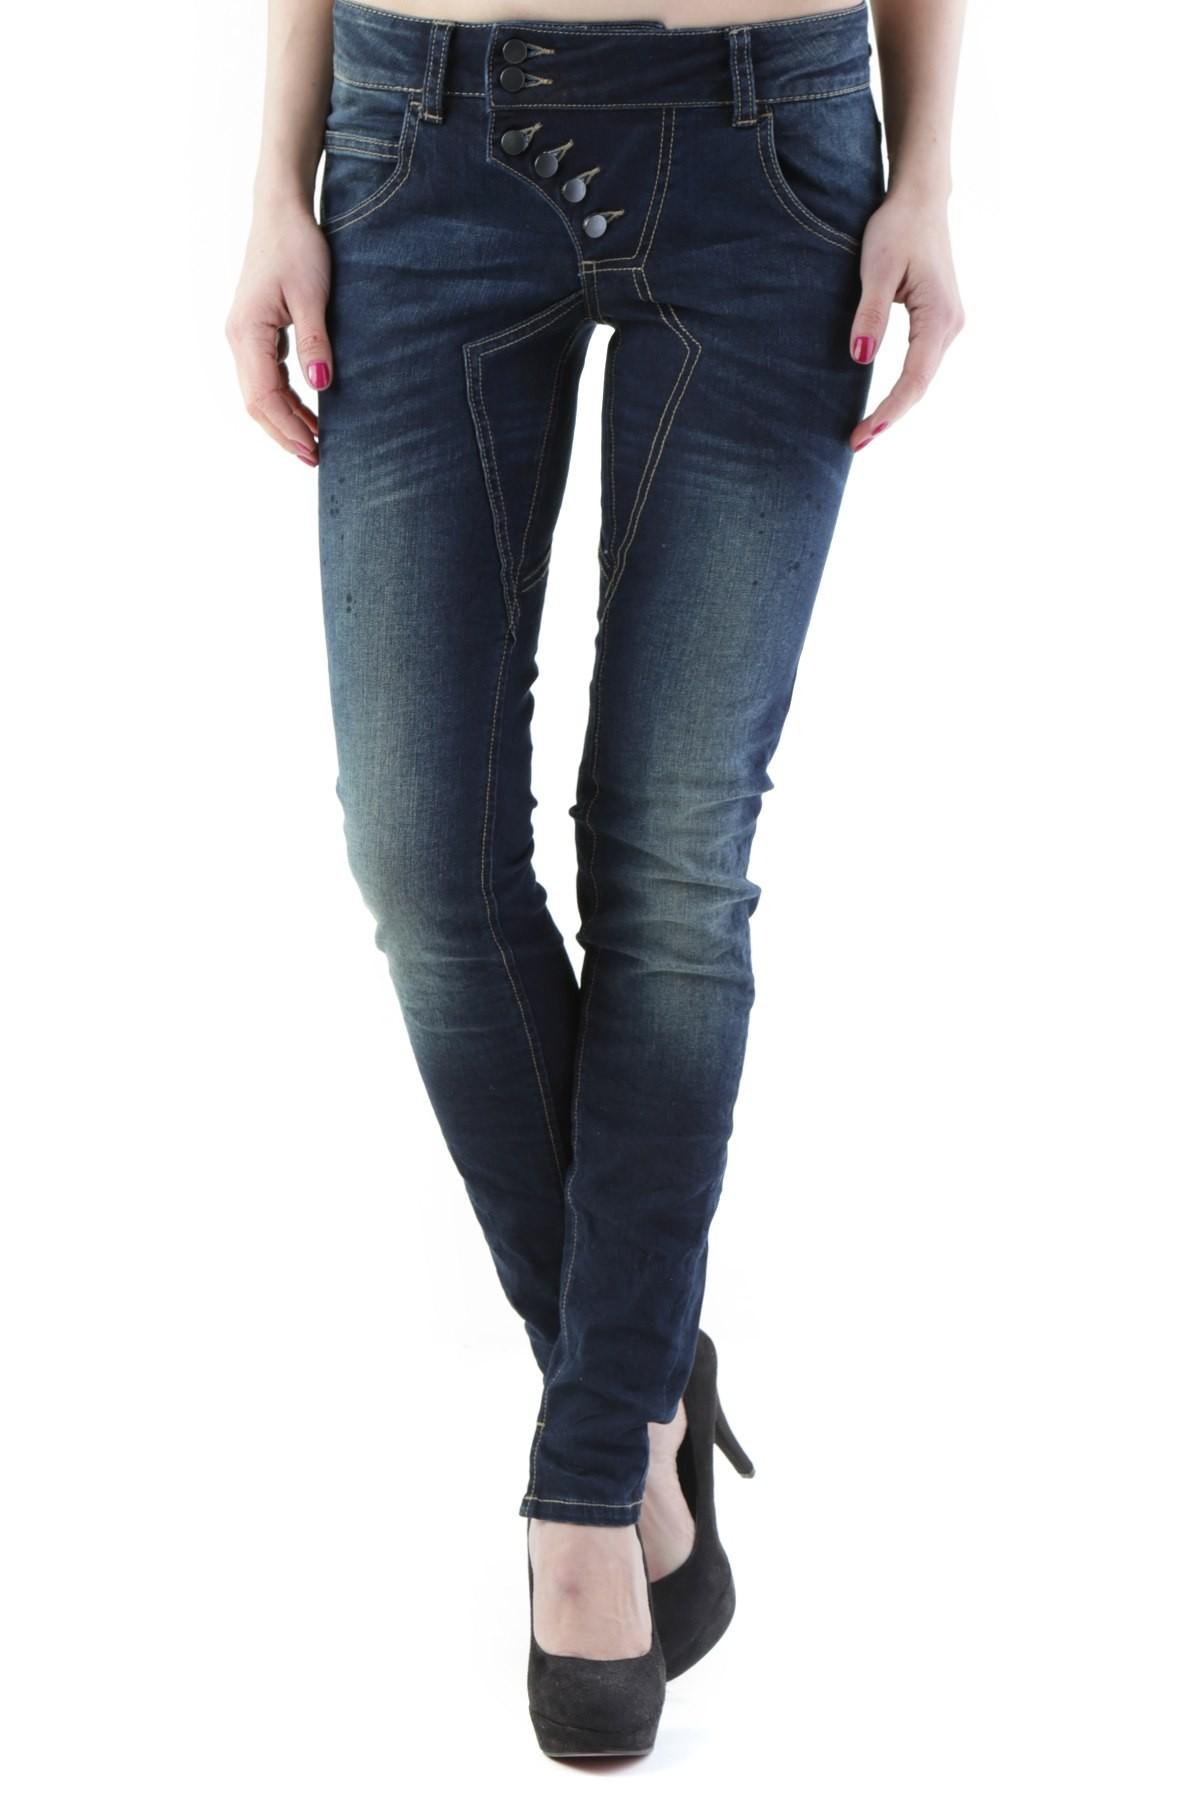 Marchio 525 Genere Donna Tipologia Jeans Stagione Autunno/Inverno  DETTAGLI…